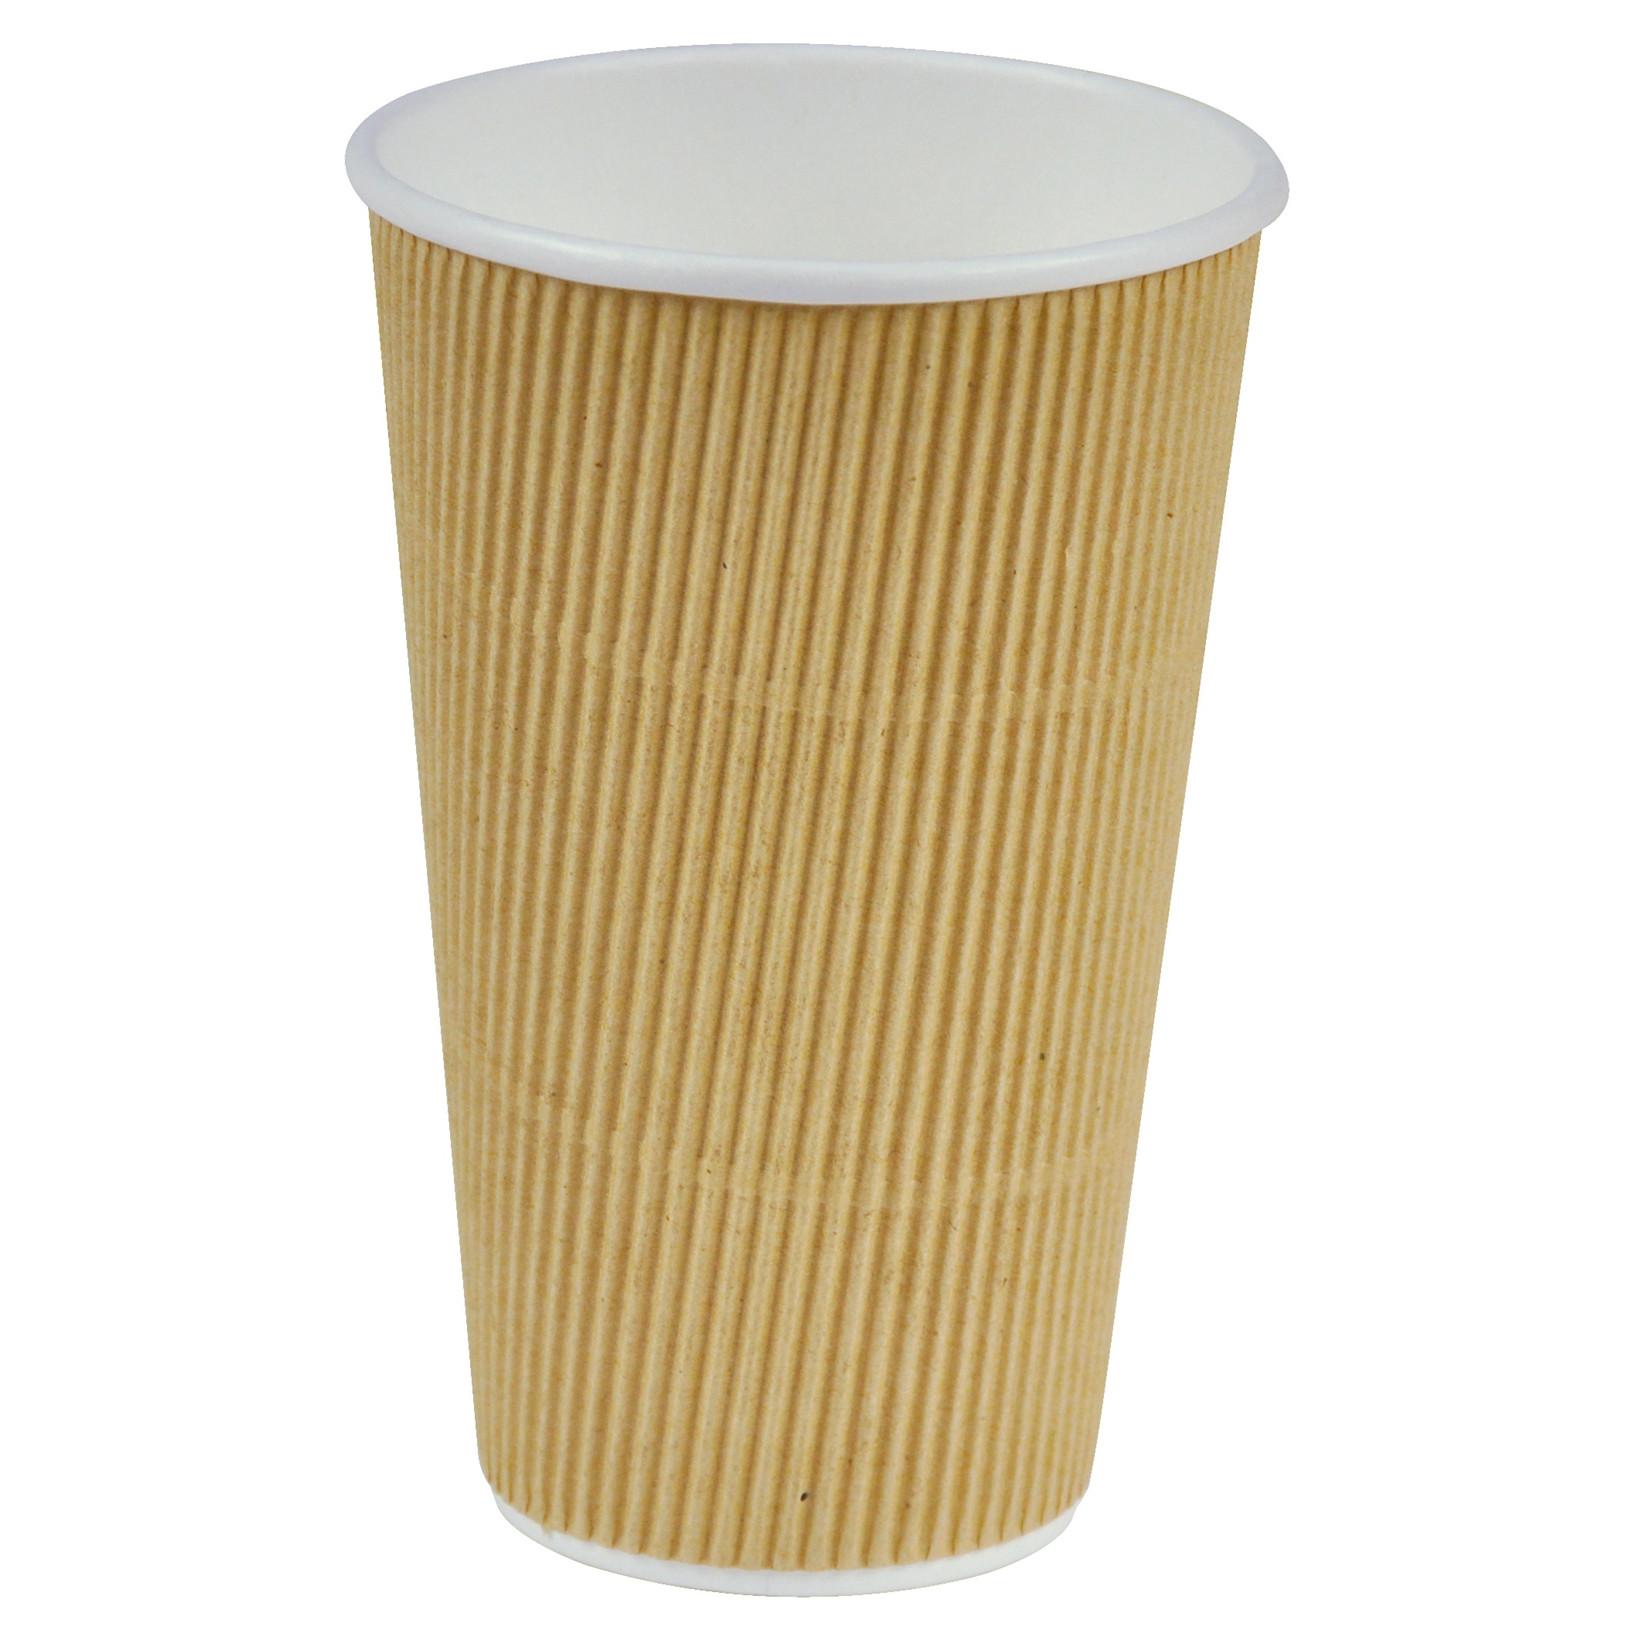 Billig kaffe